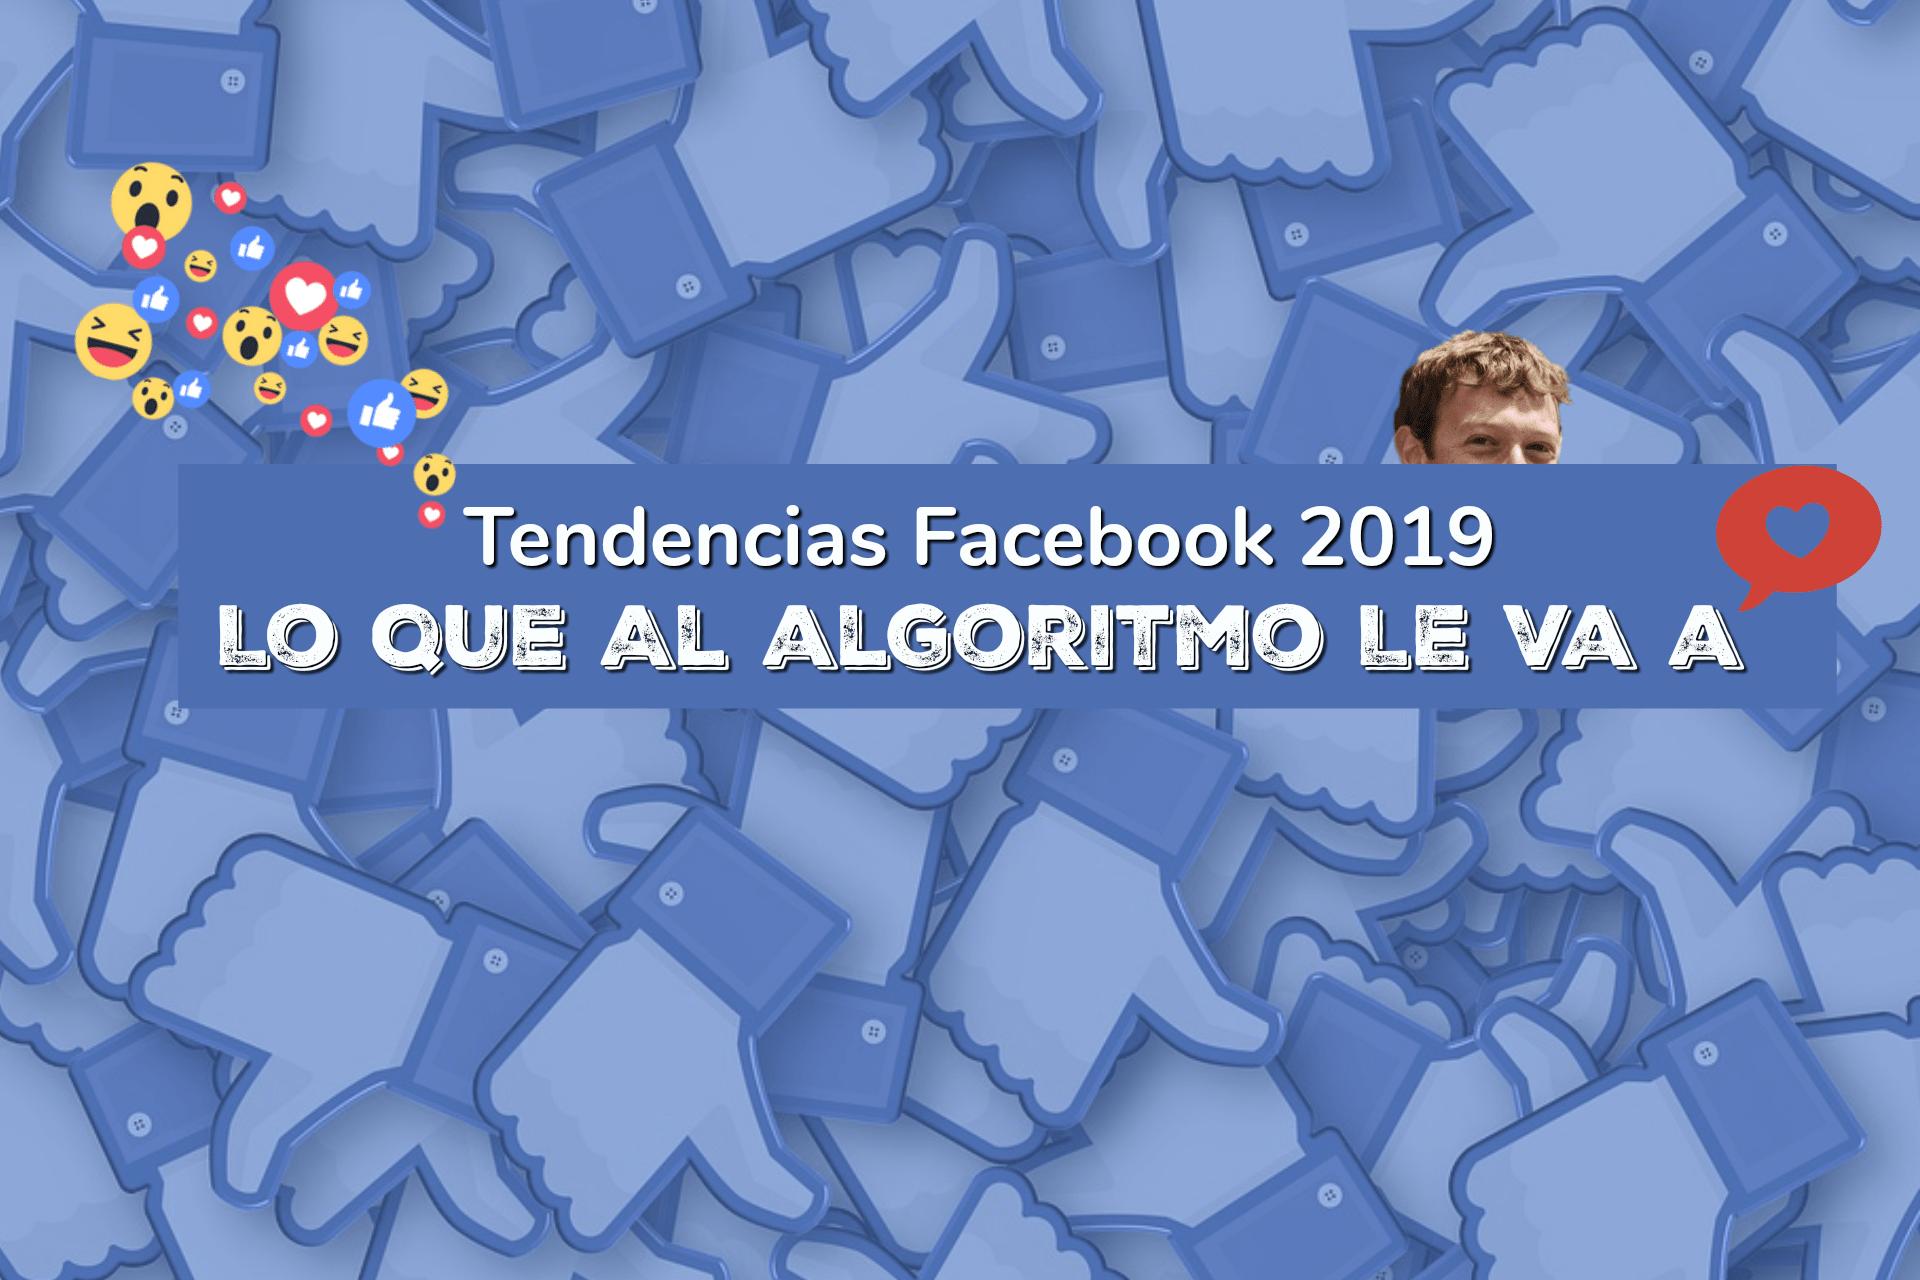 Tendencias en Facebook en 2019 ¿qué le va a gustar al algoritmo?